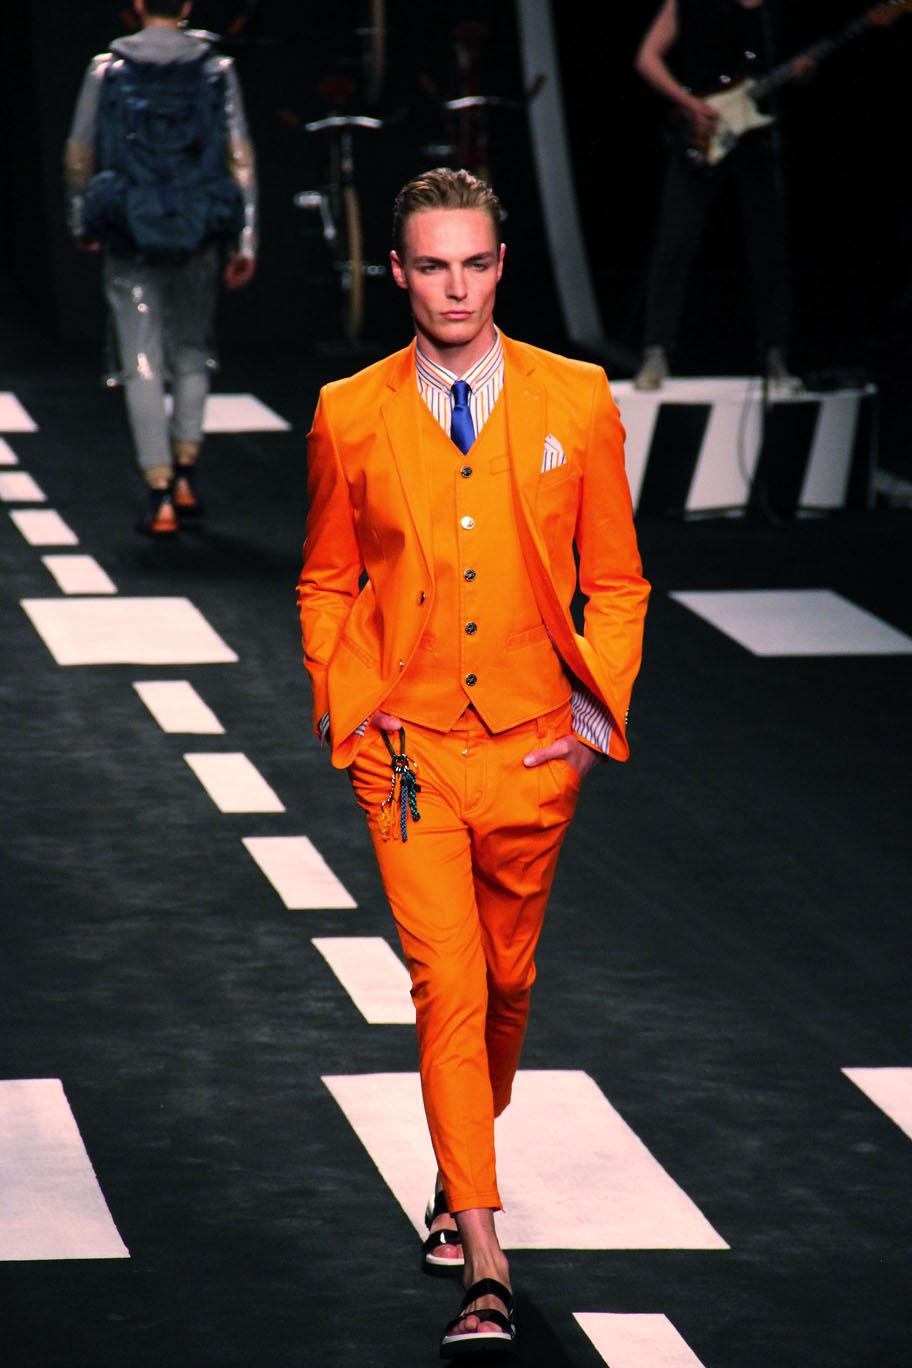 spring-summer-frankie-morello-2012-men-collection-milano-fashion-week-2012-frankie-morello-fashion-show-catwalk